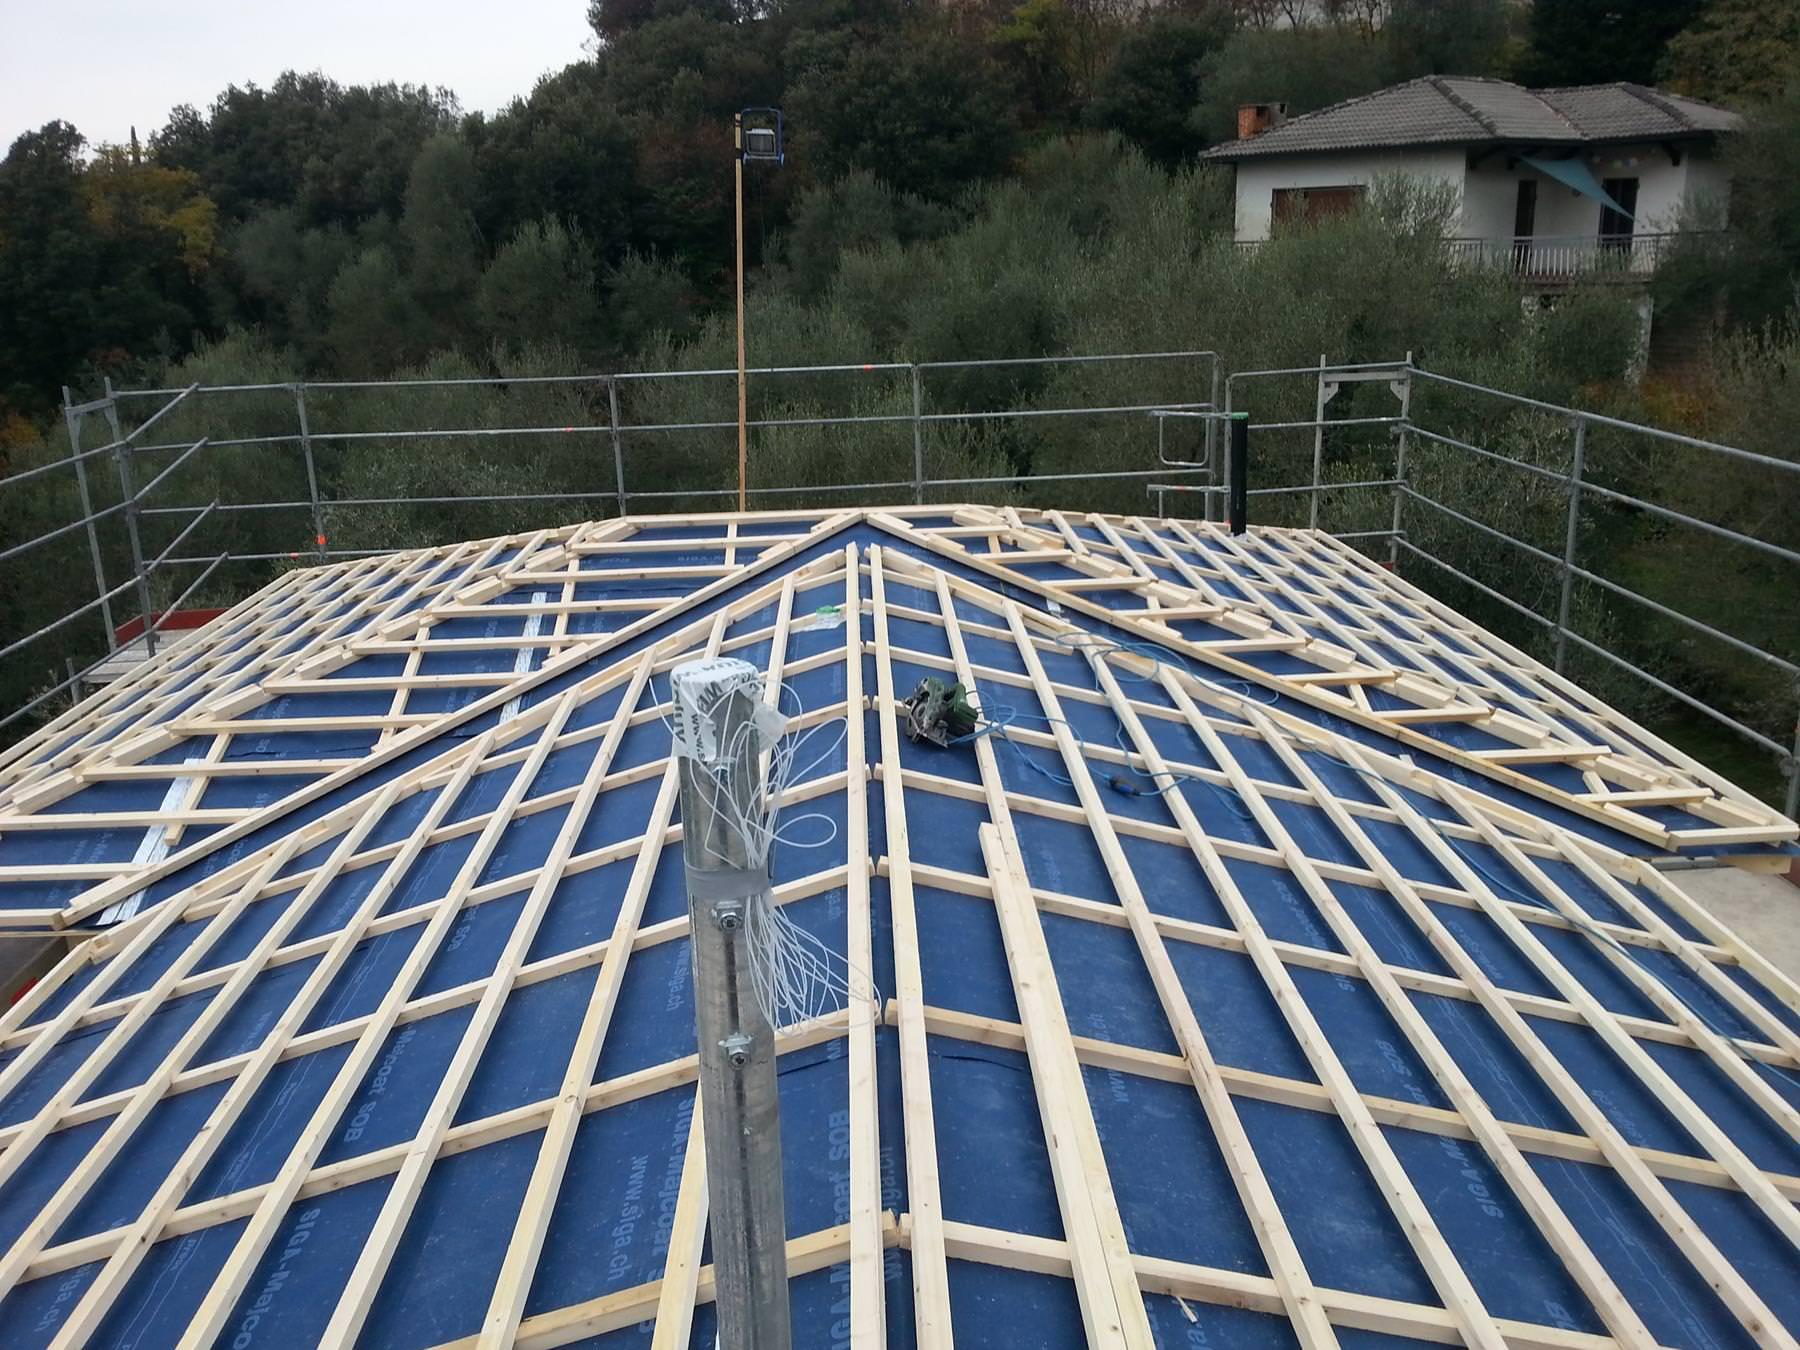 Villa F. – Gardasee Villa F. - Gardasee - Haus fave 3 - Villa F. – Gardasee Projekte - Haus fave 3 - Projekte